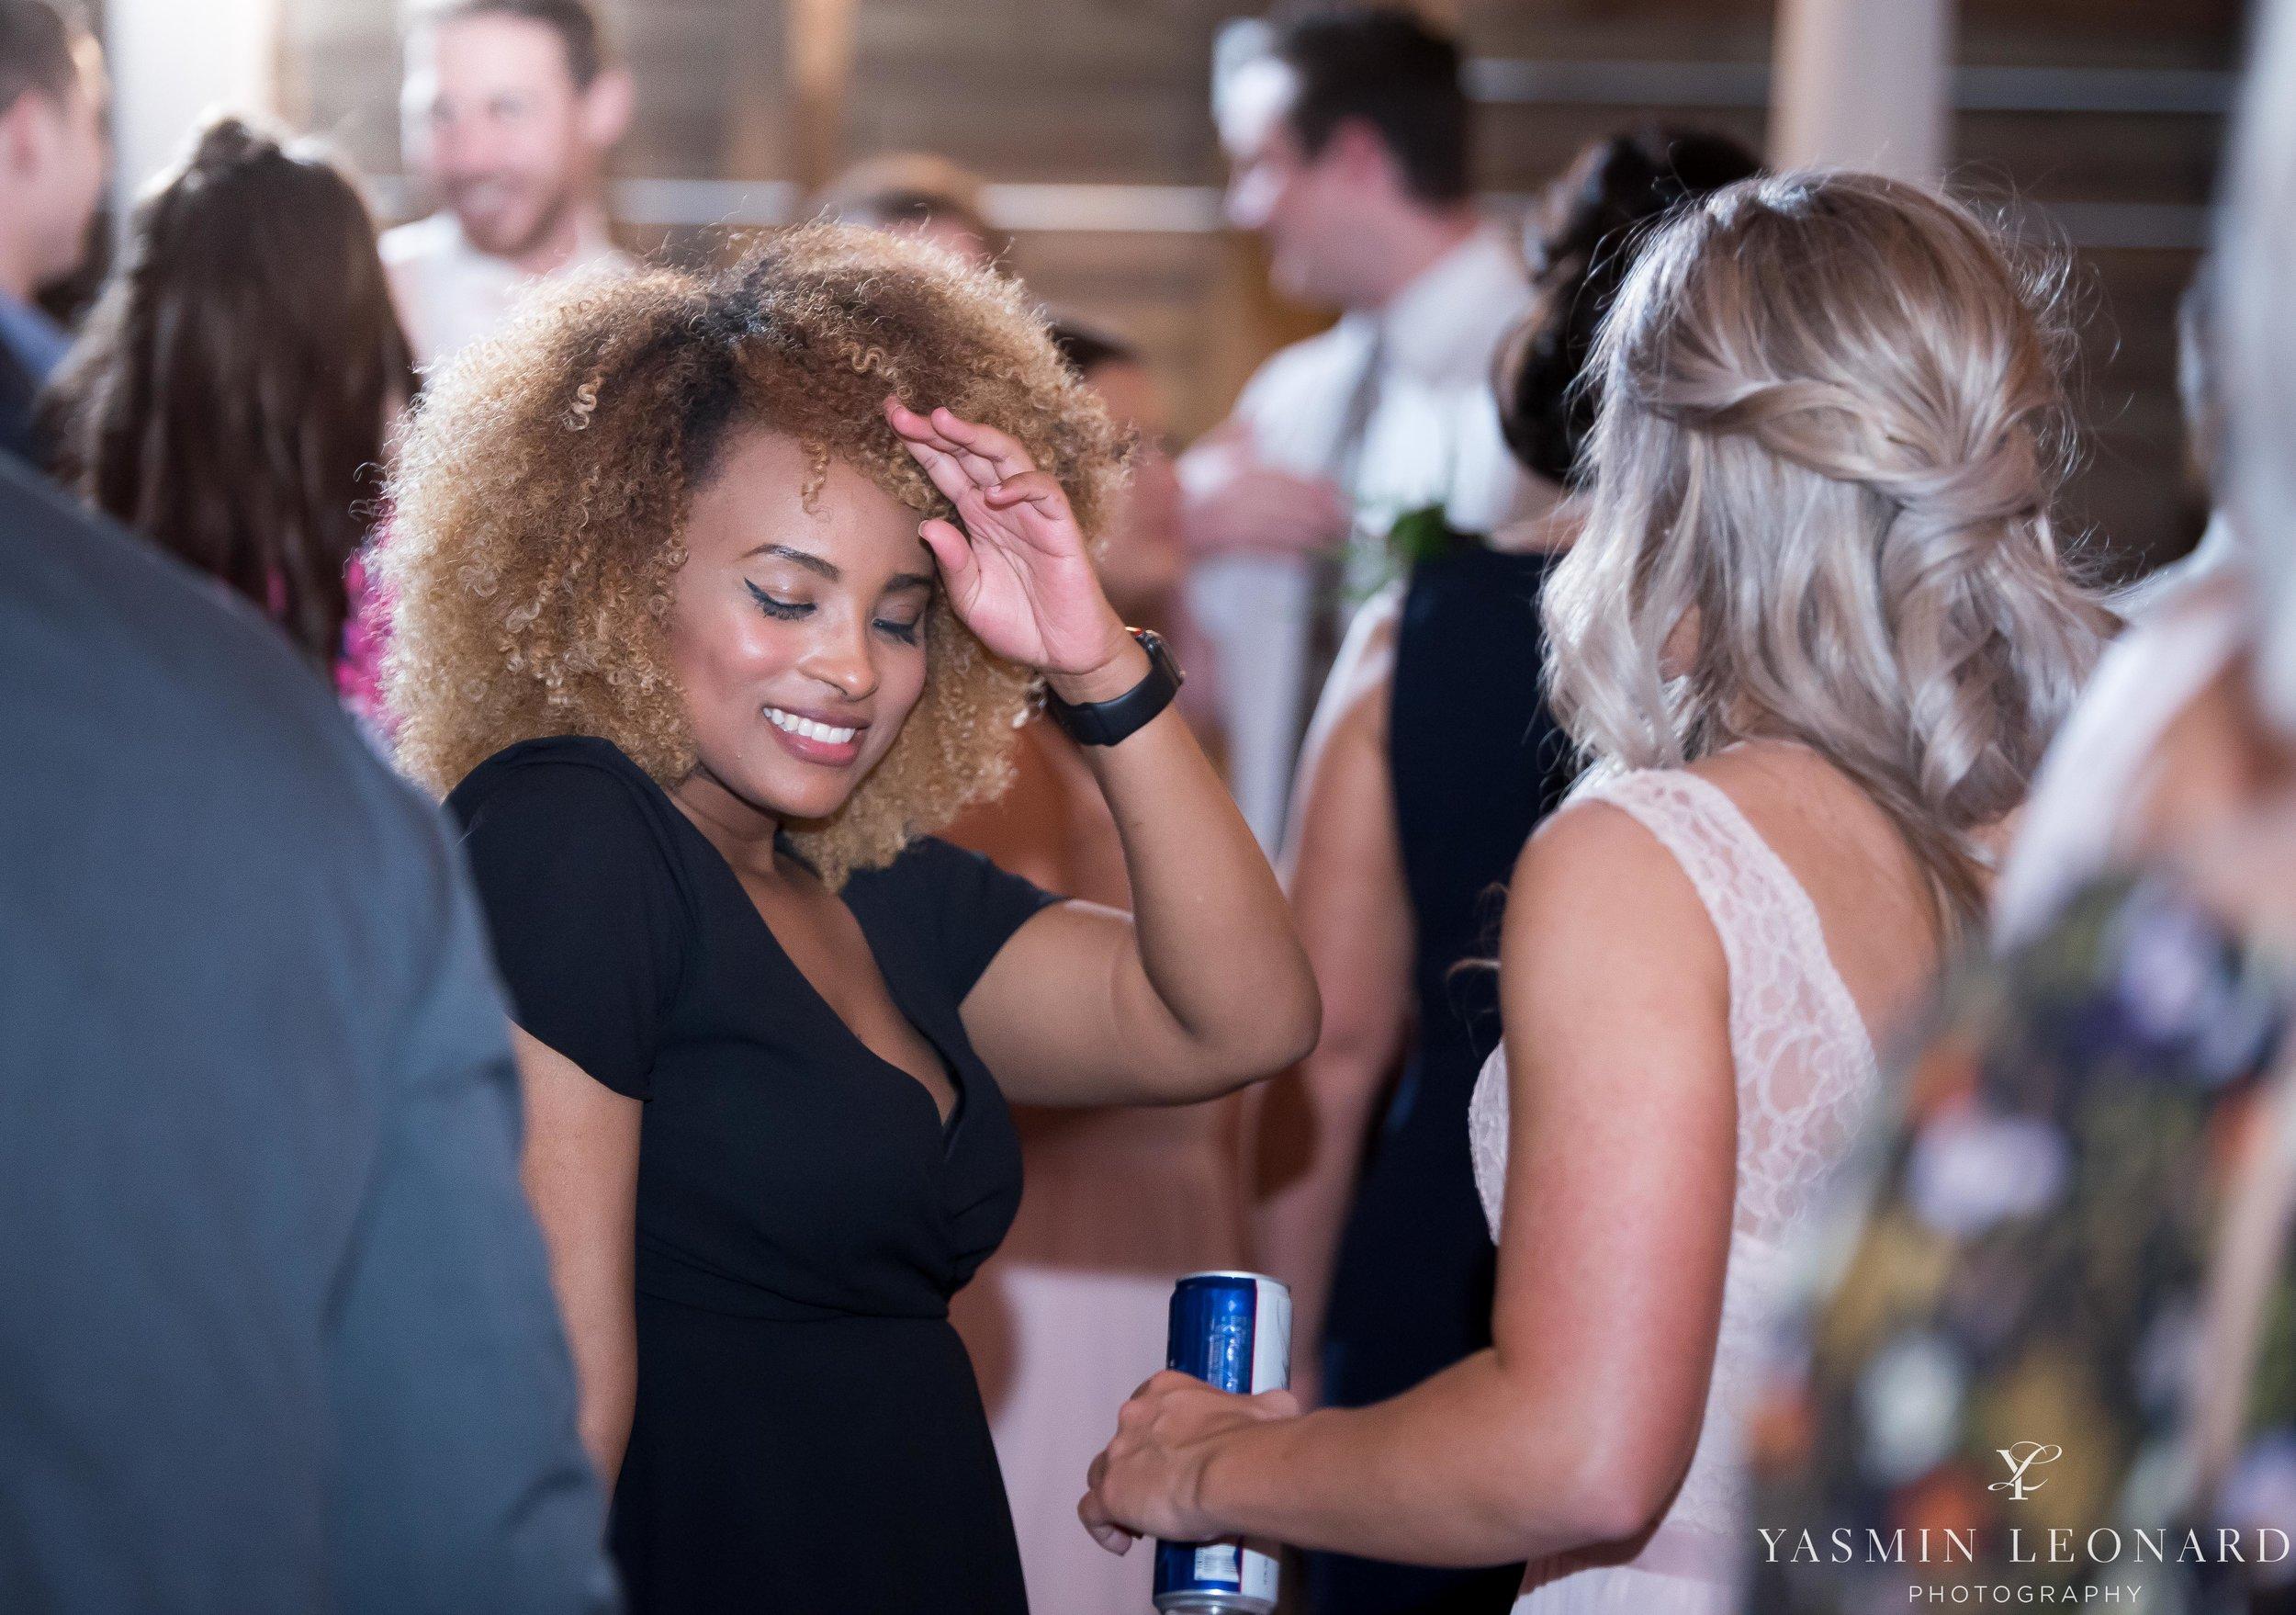 Millikan Farms - Millikan Farms Wedding - Sophia NC Wedding - NC Wedding - NC Wedding Photographer - Yasmin Leonard Photography - High Point Photographer - Barn Wedding - Wedding Venues in NC - Triad Wedding Photographer-92.jpg